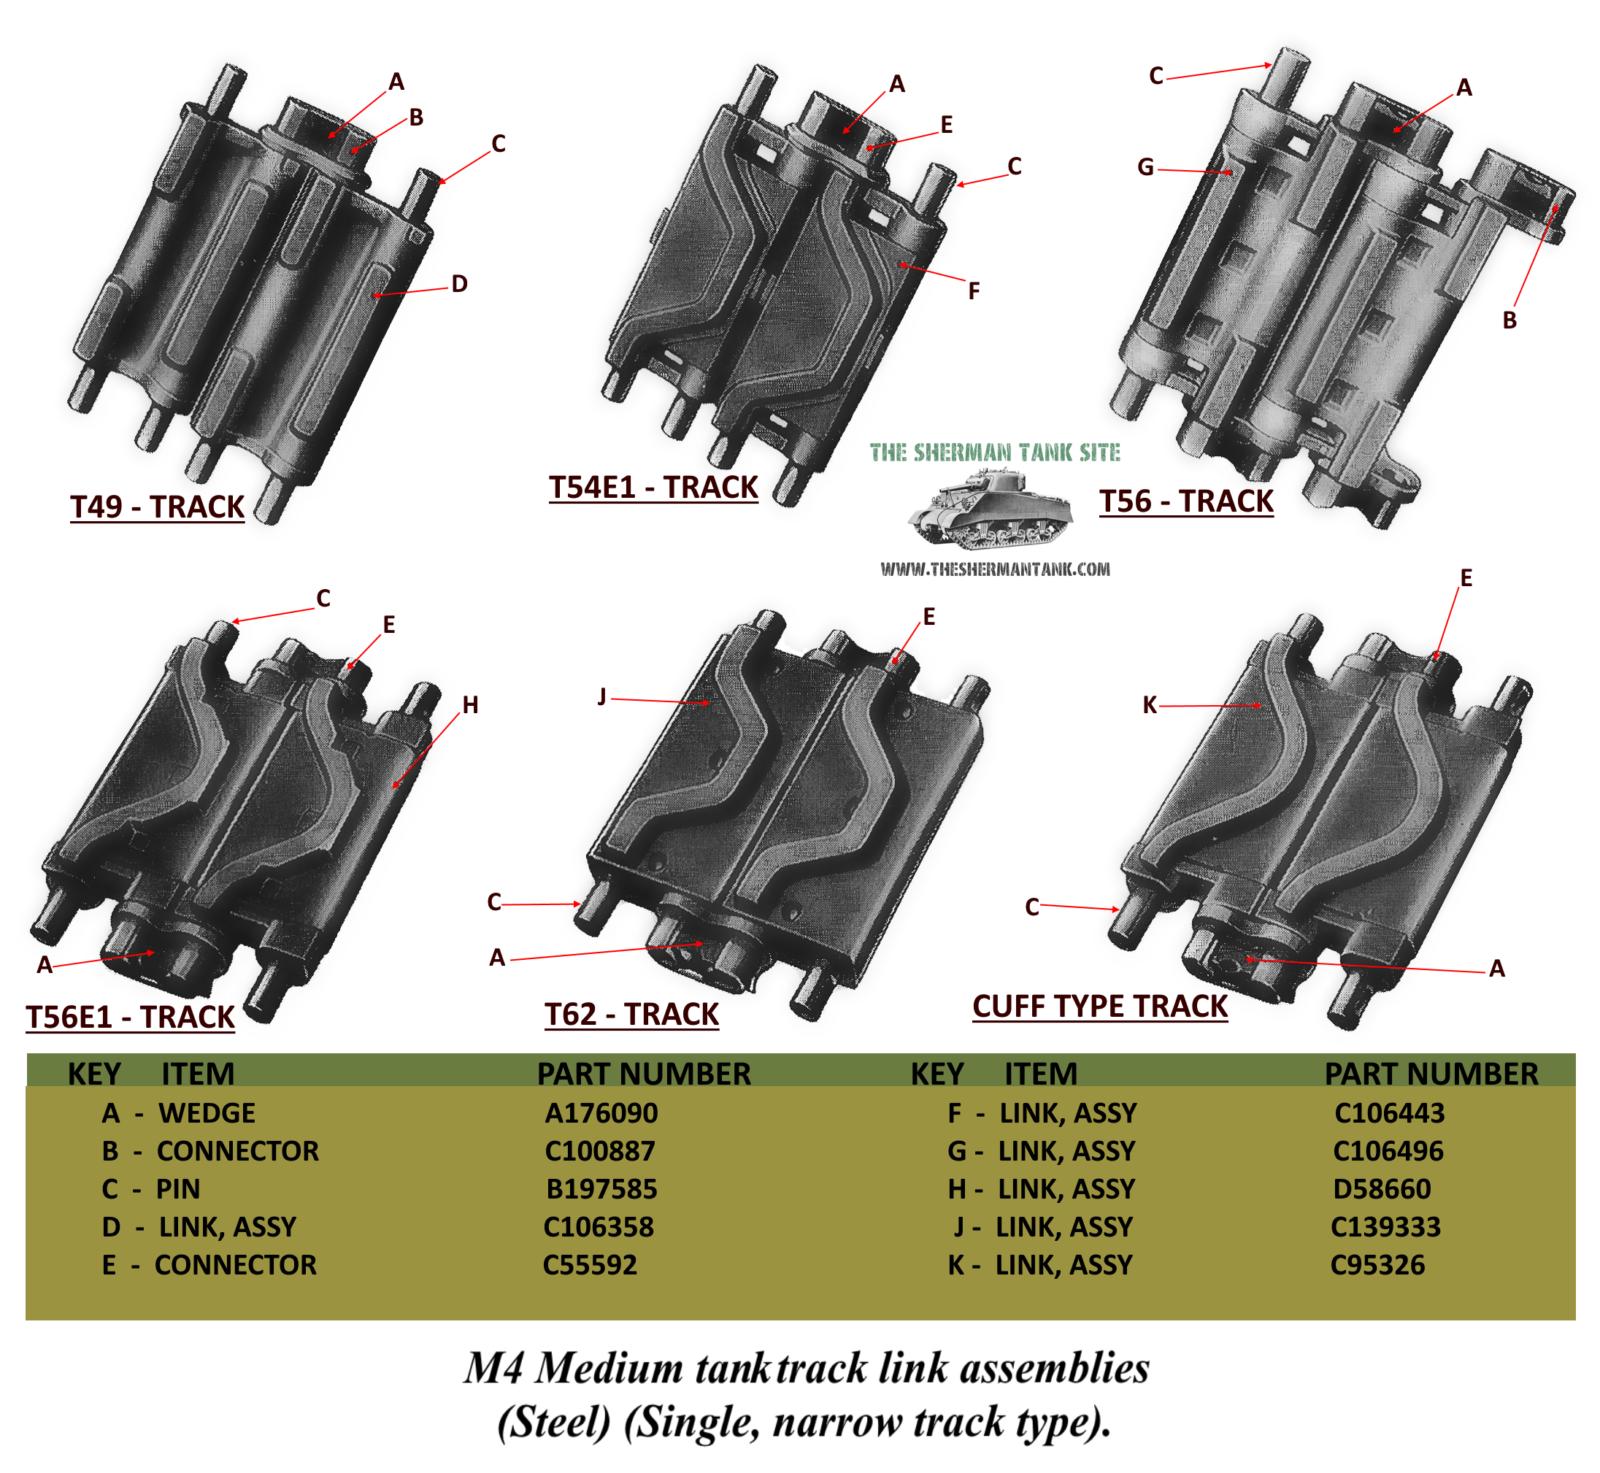 VVSS-Track1-IMPROVED-f13-14-ccflat-xx-16